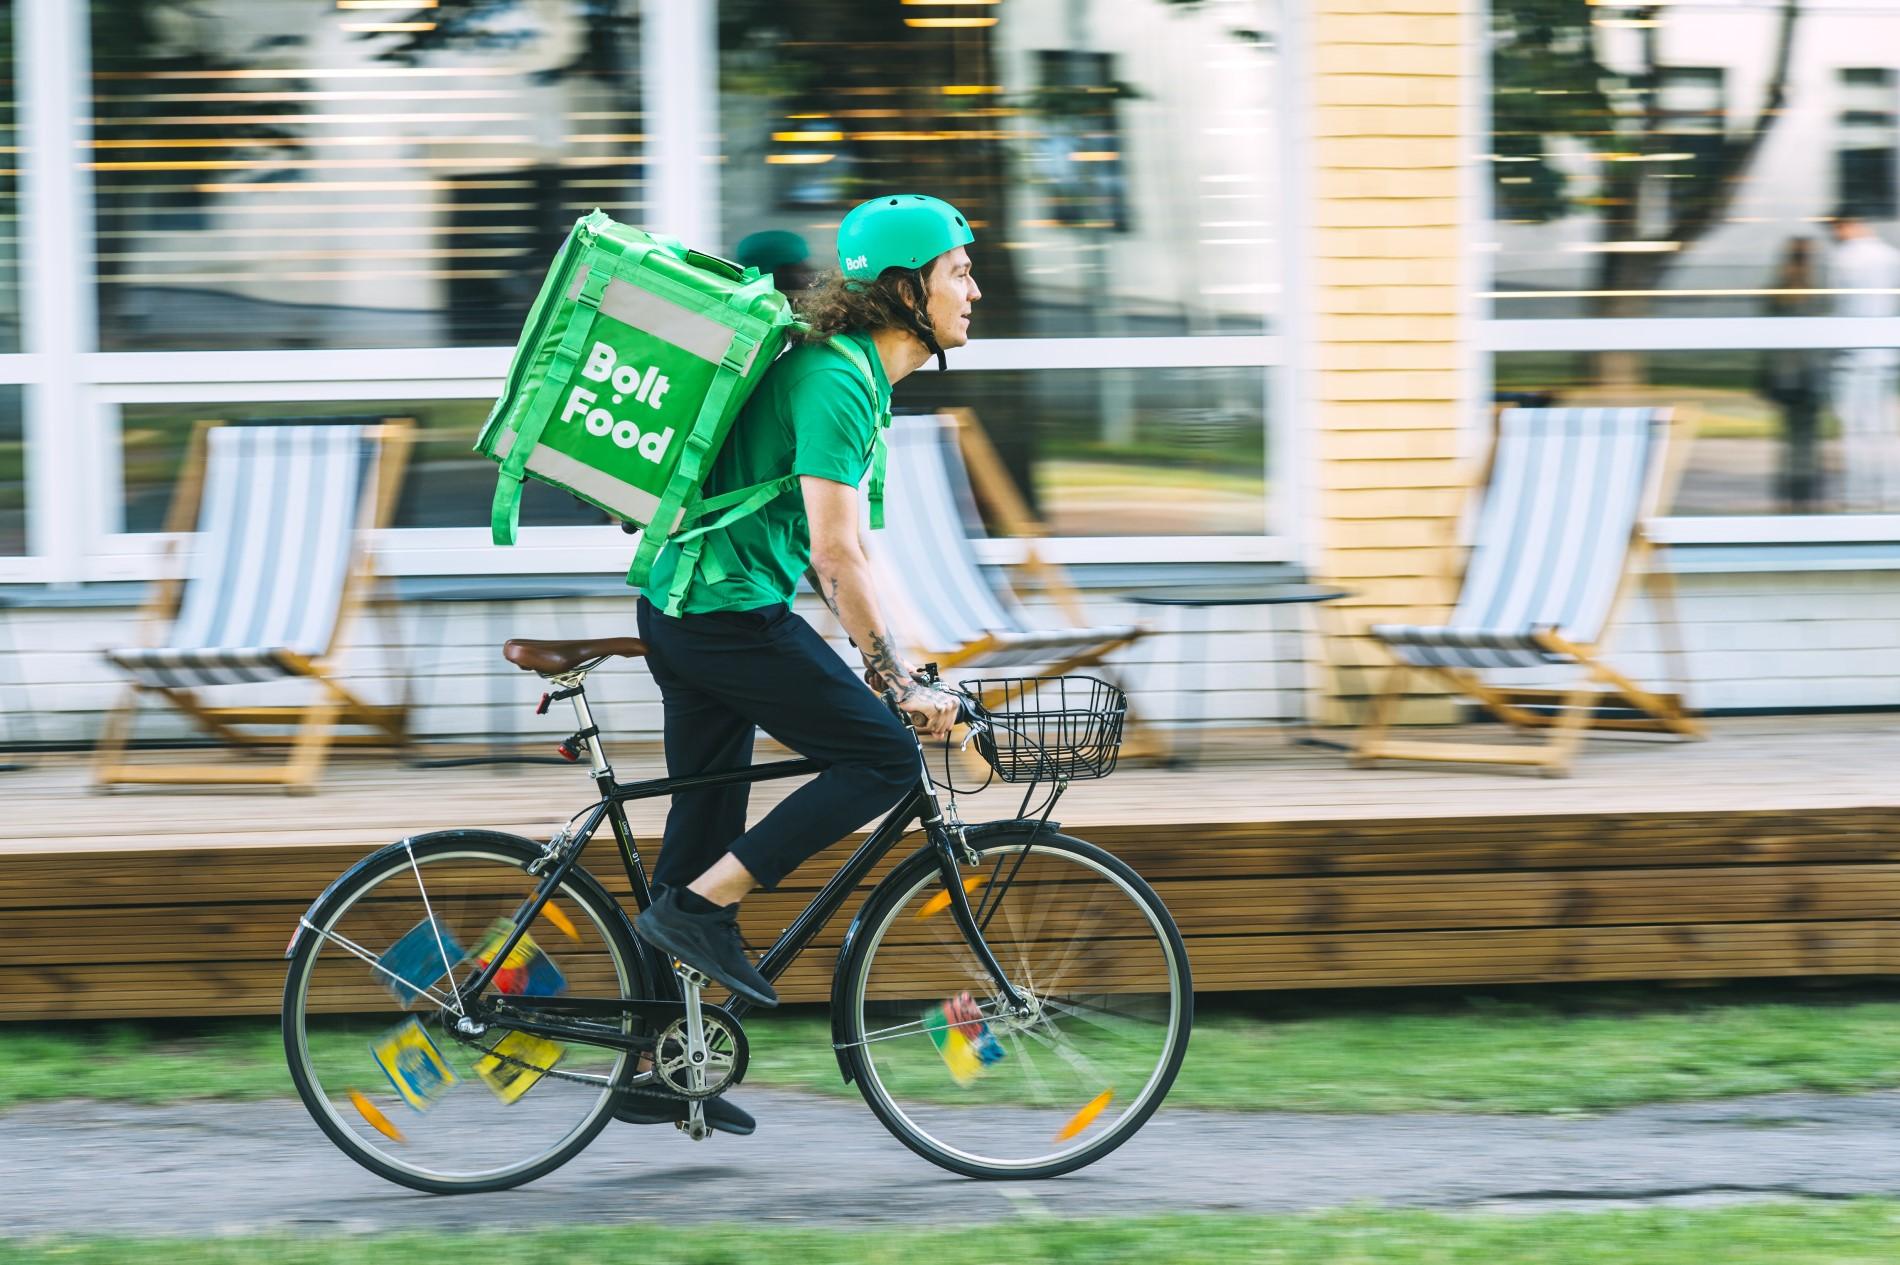 Курьер Bolt Food (фото предоставлено пресс-службой компании)